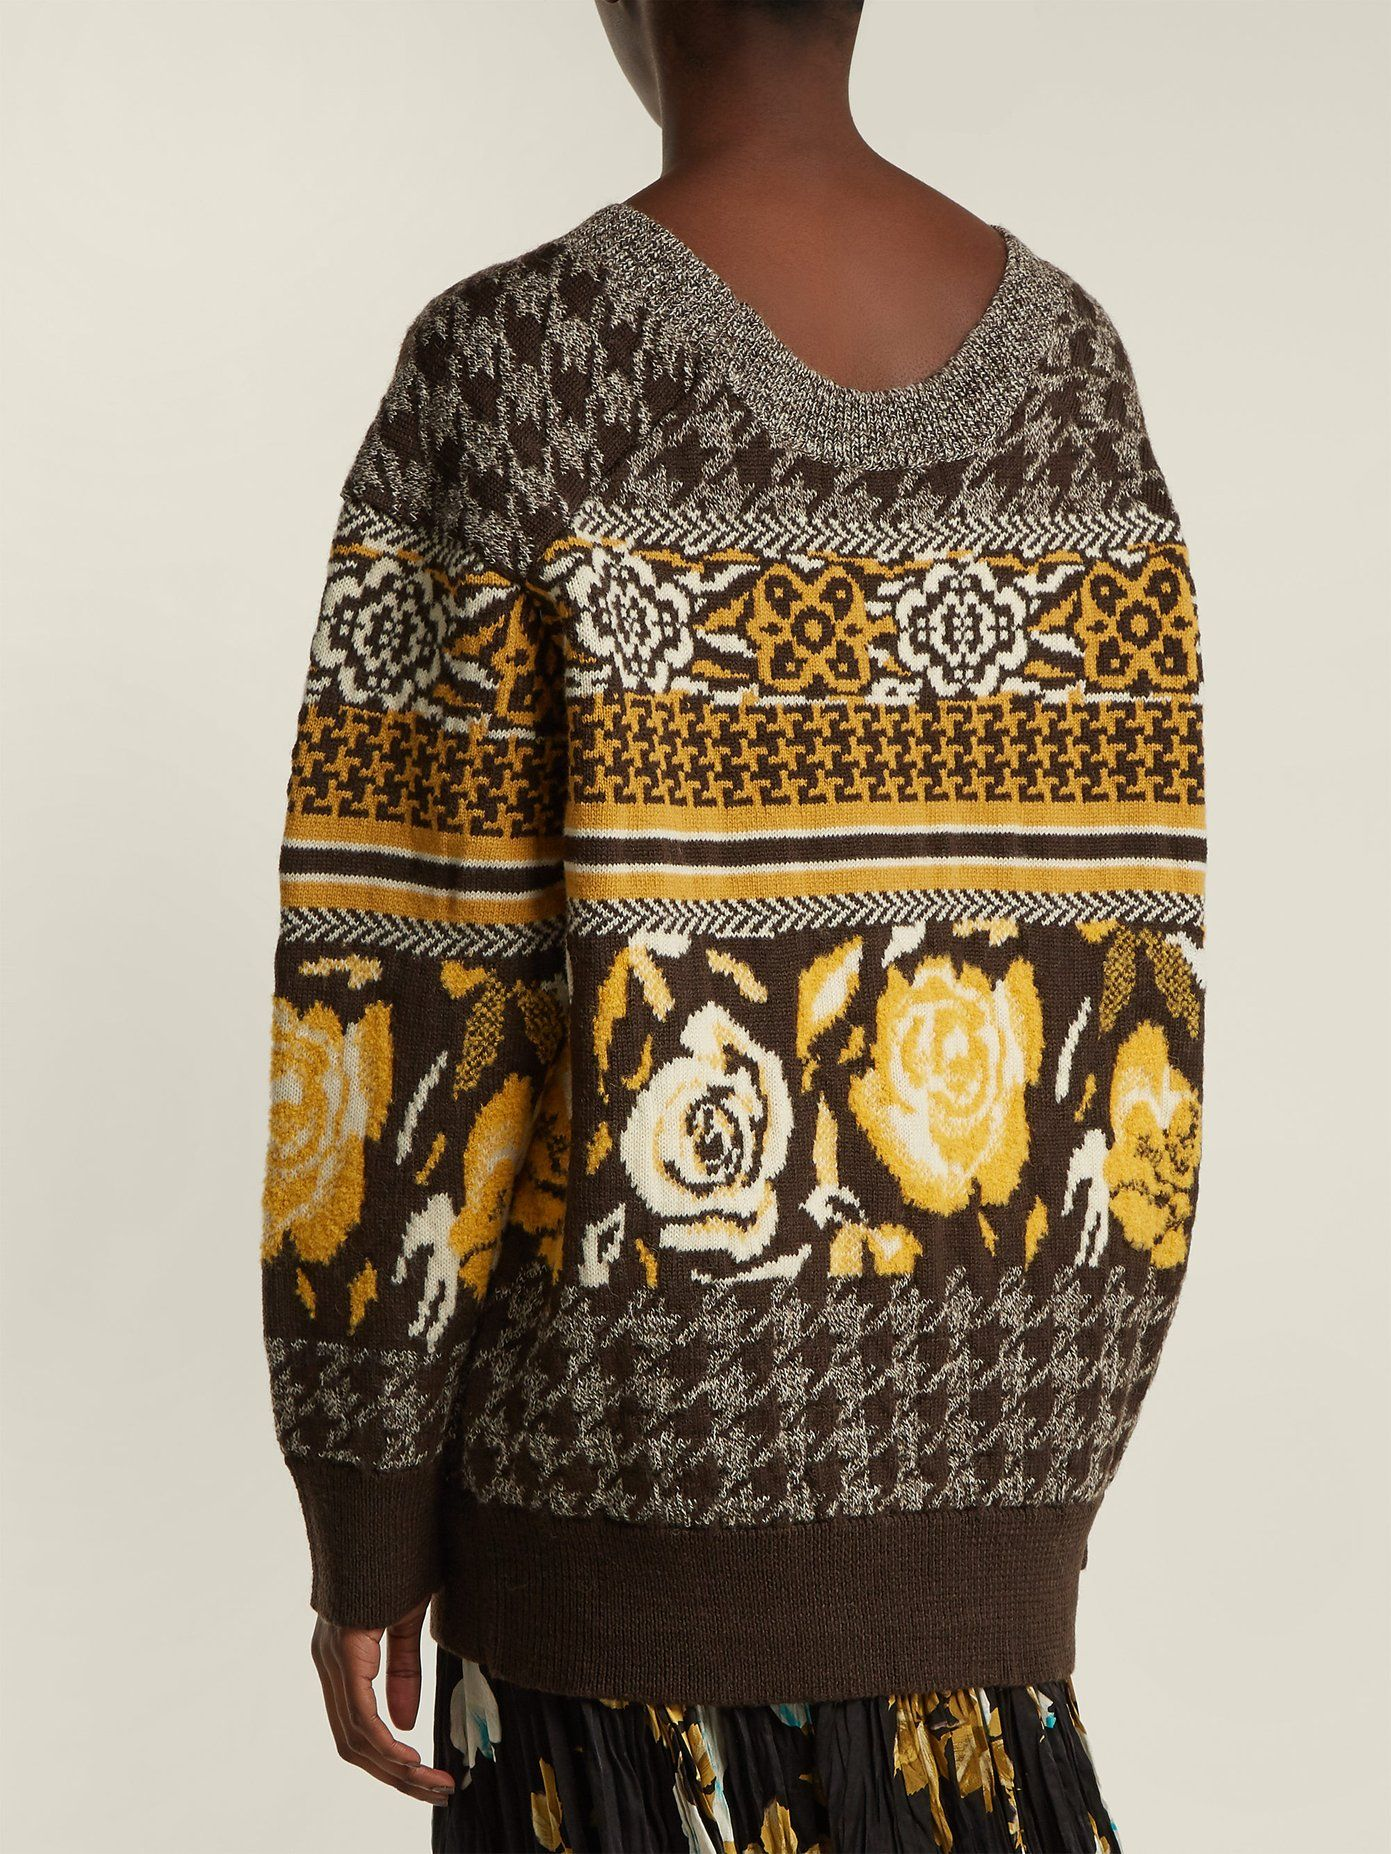 Jacquard knit wool blend sweater | Junya Watanabe